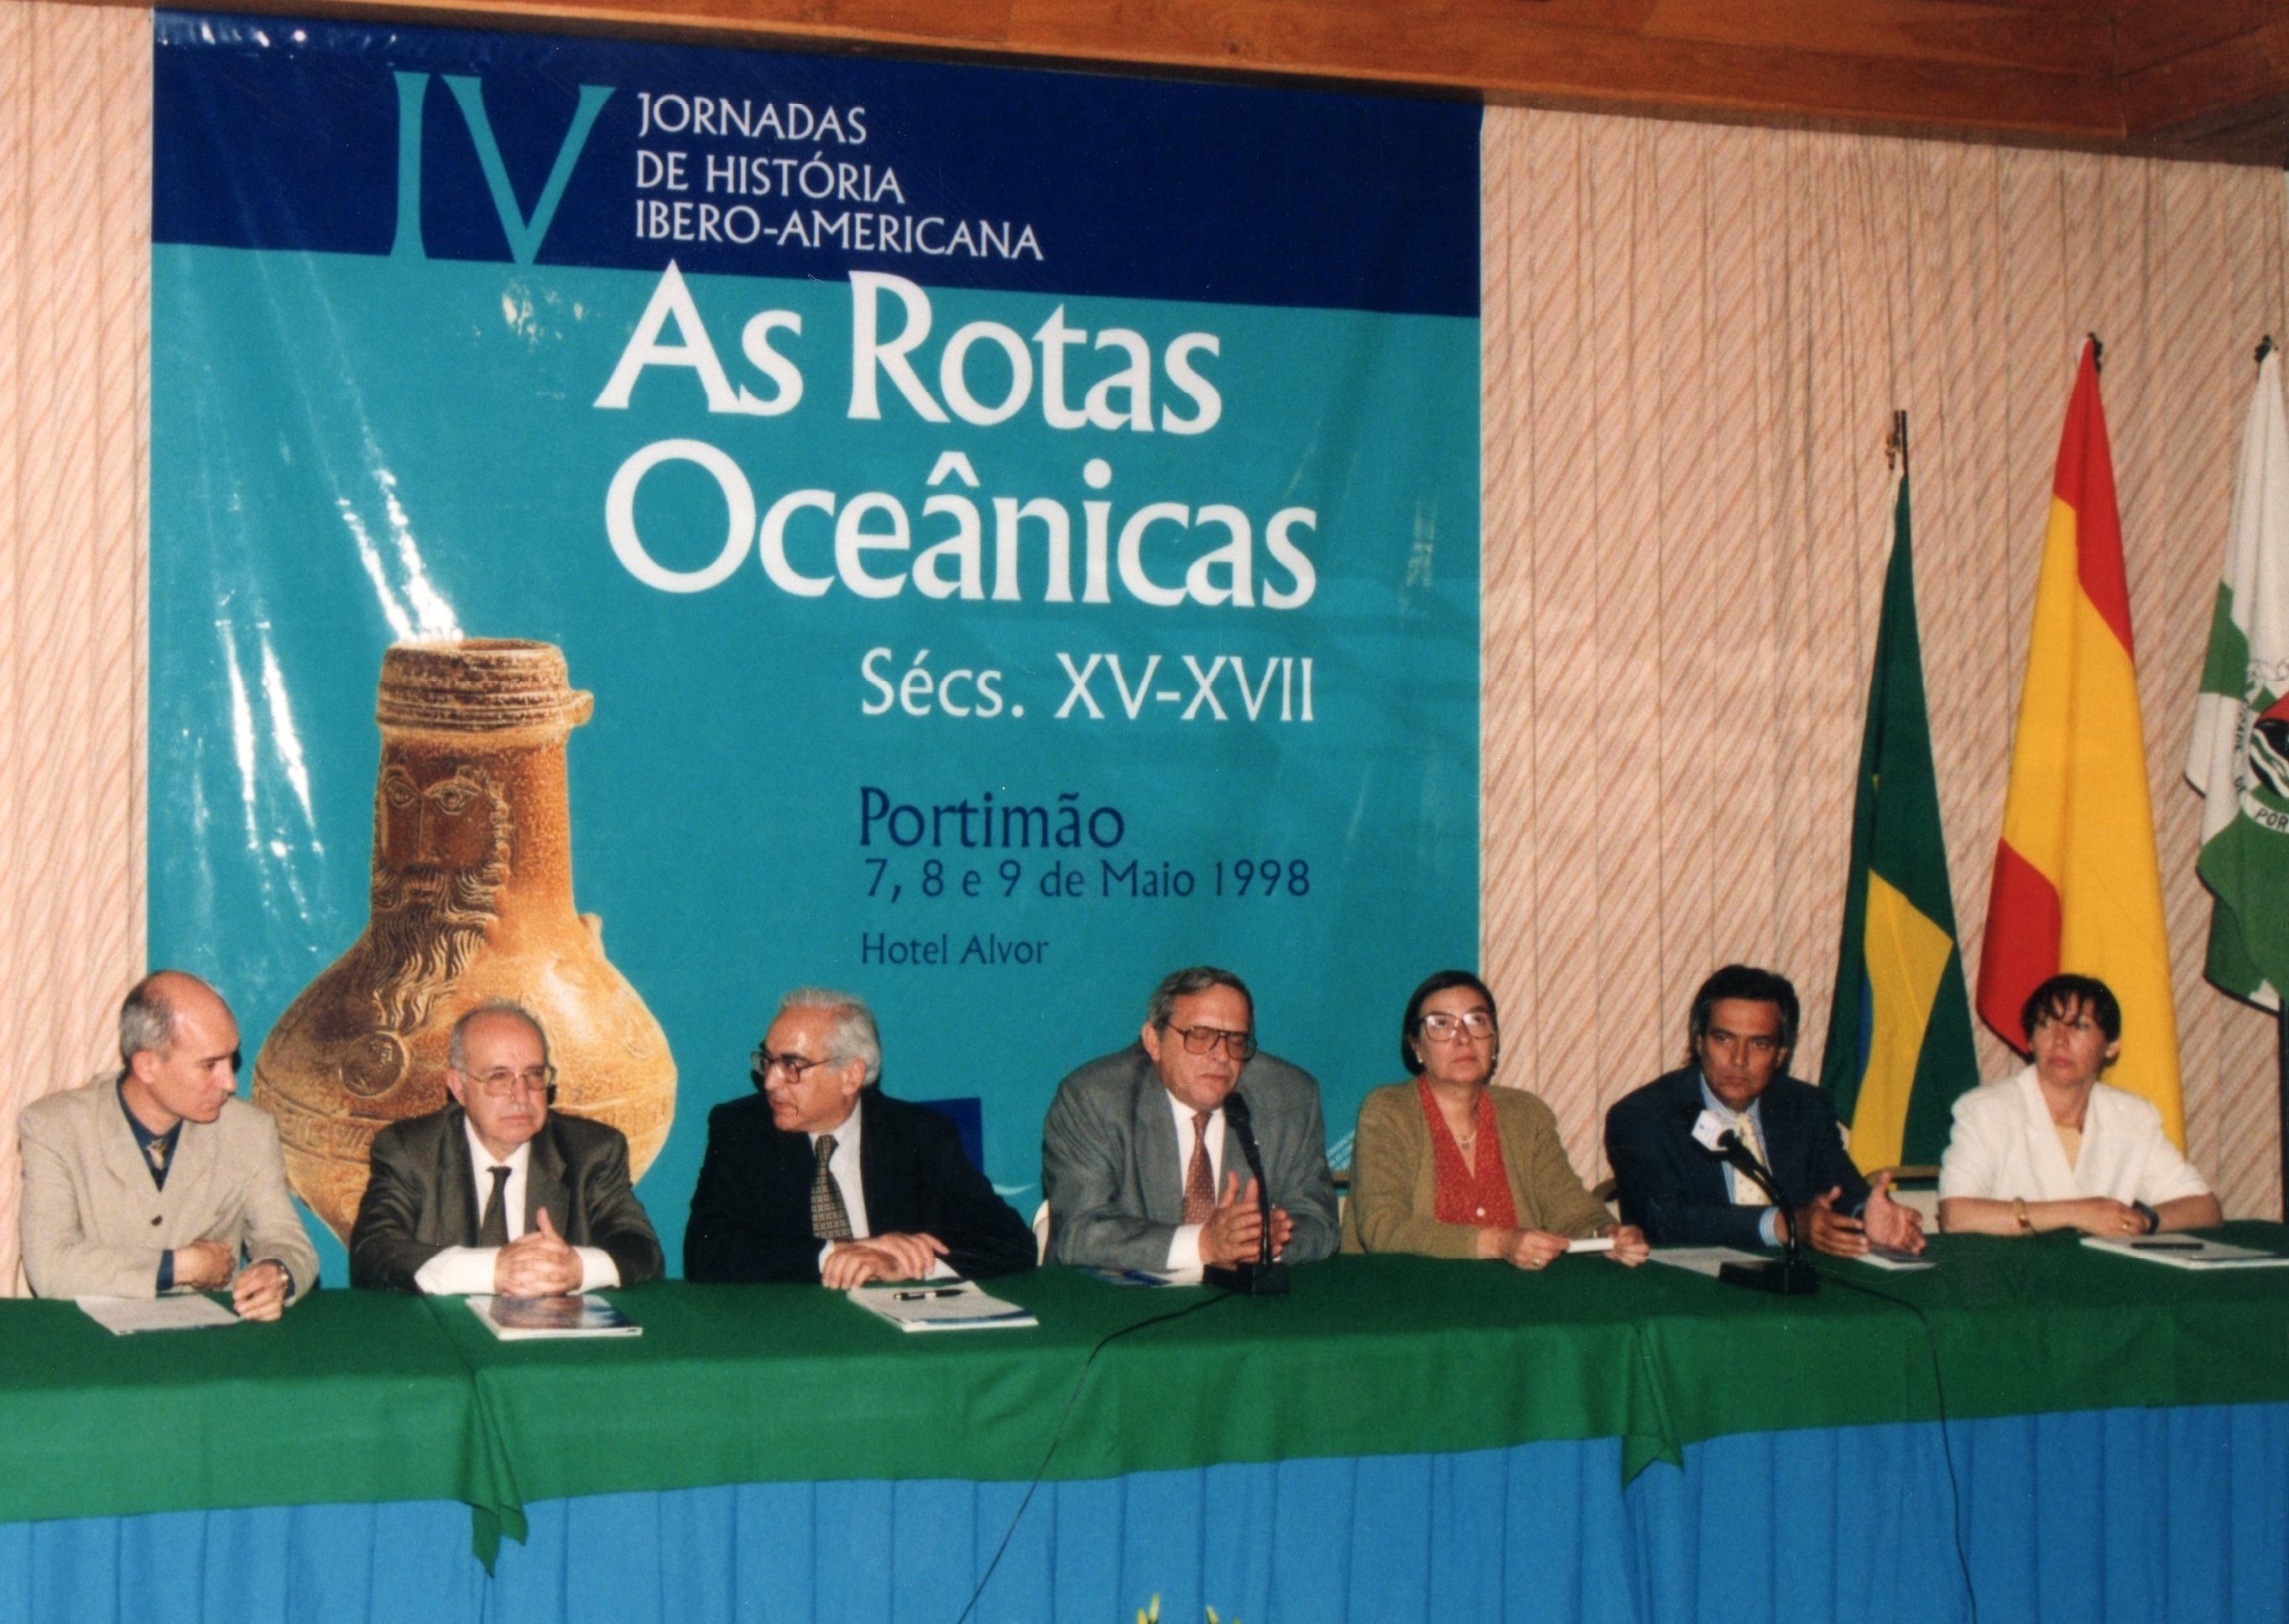 IV Jornadas História Ibero-americana